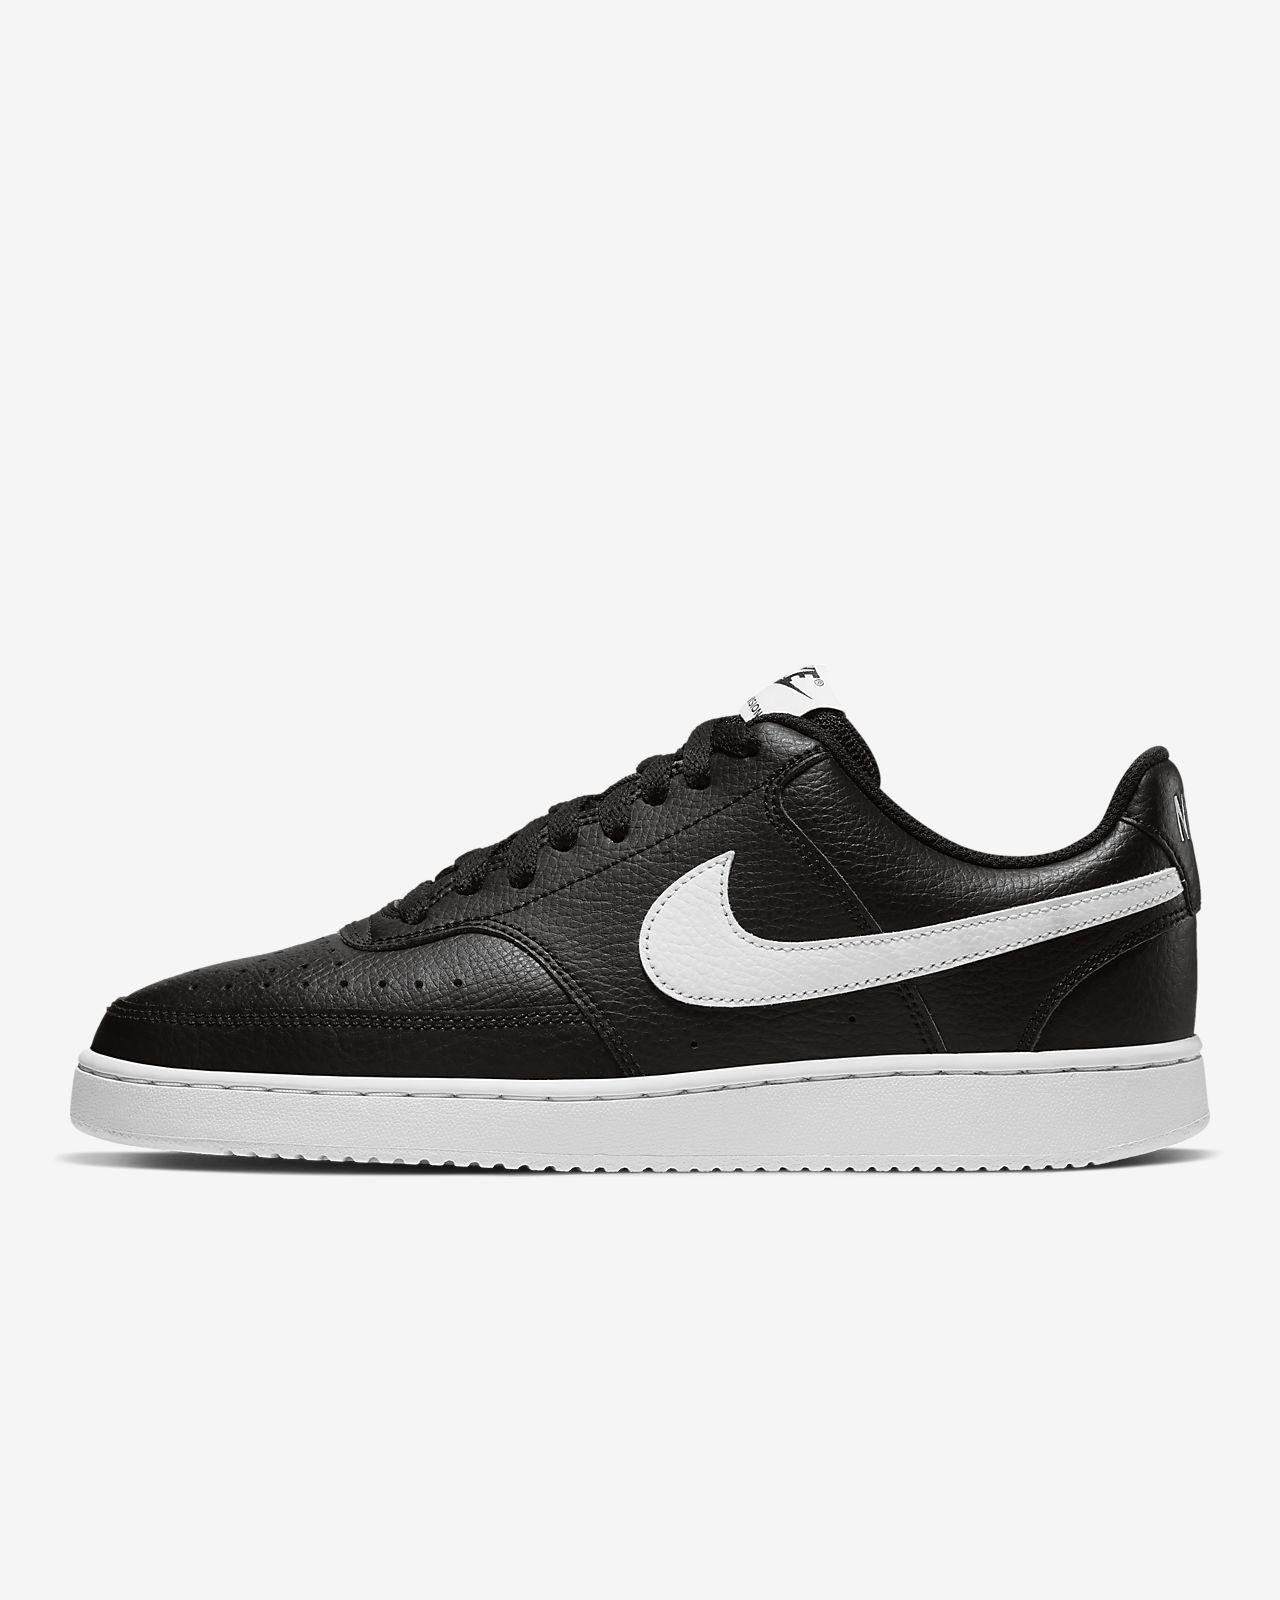 NikeCourt Vision Low férficipő